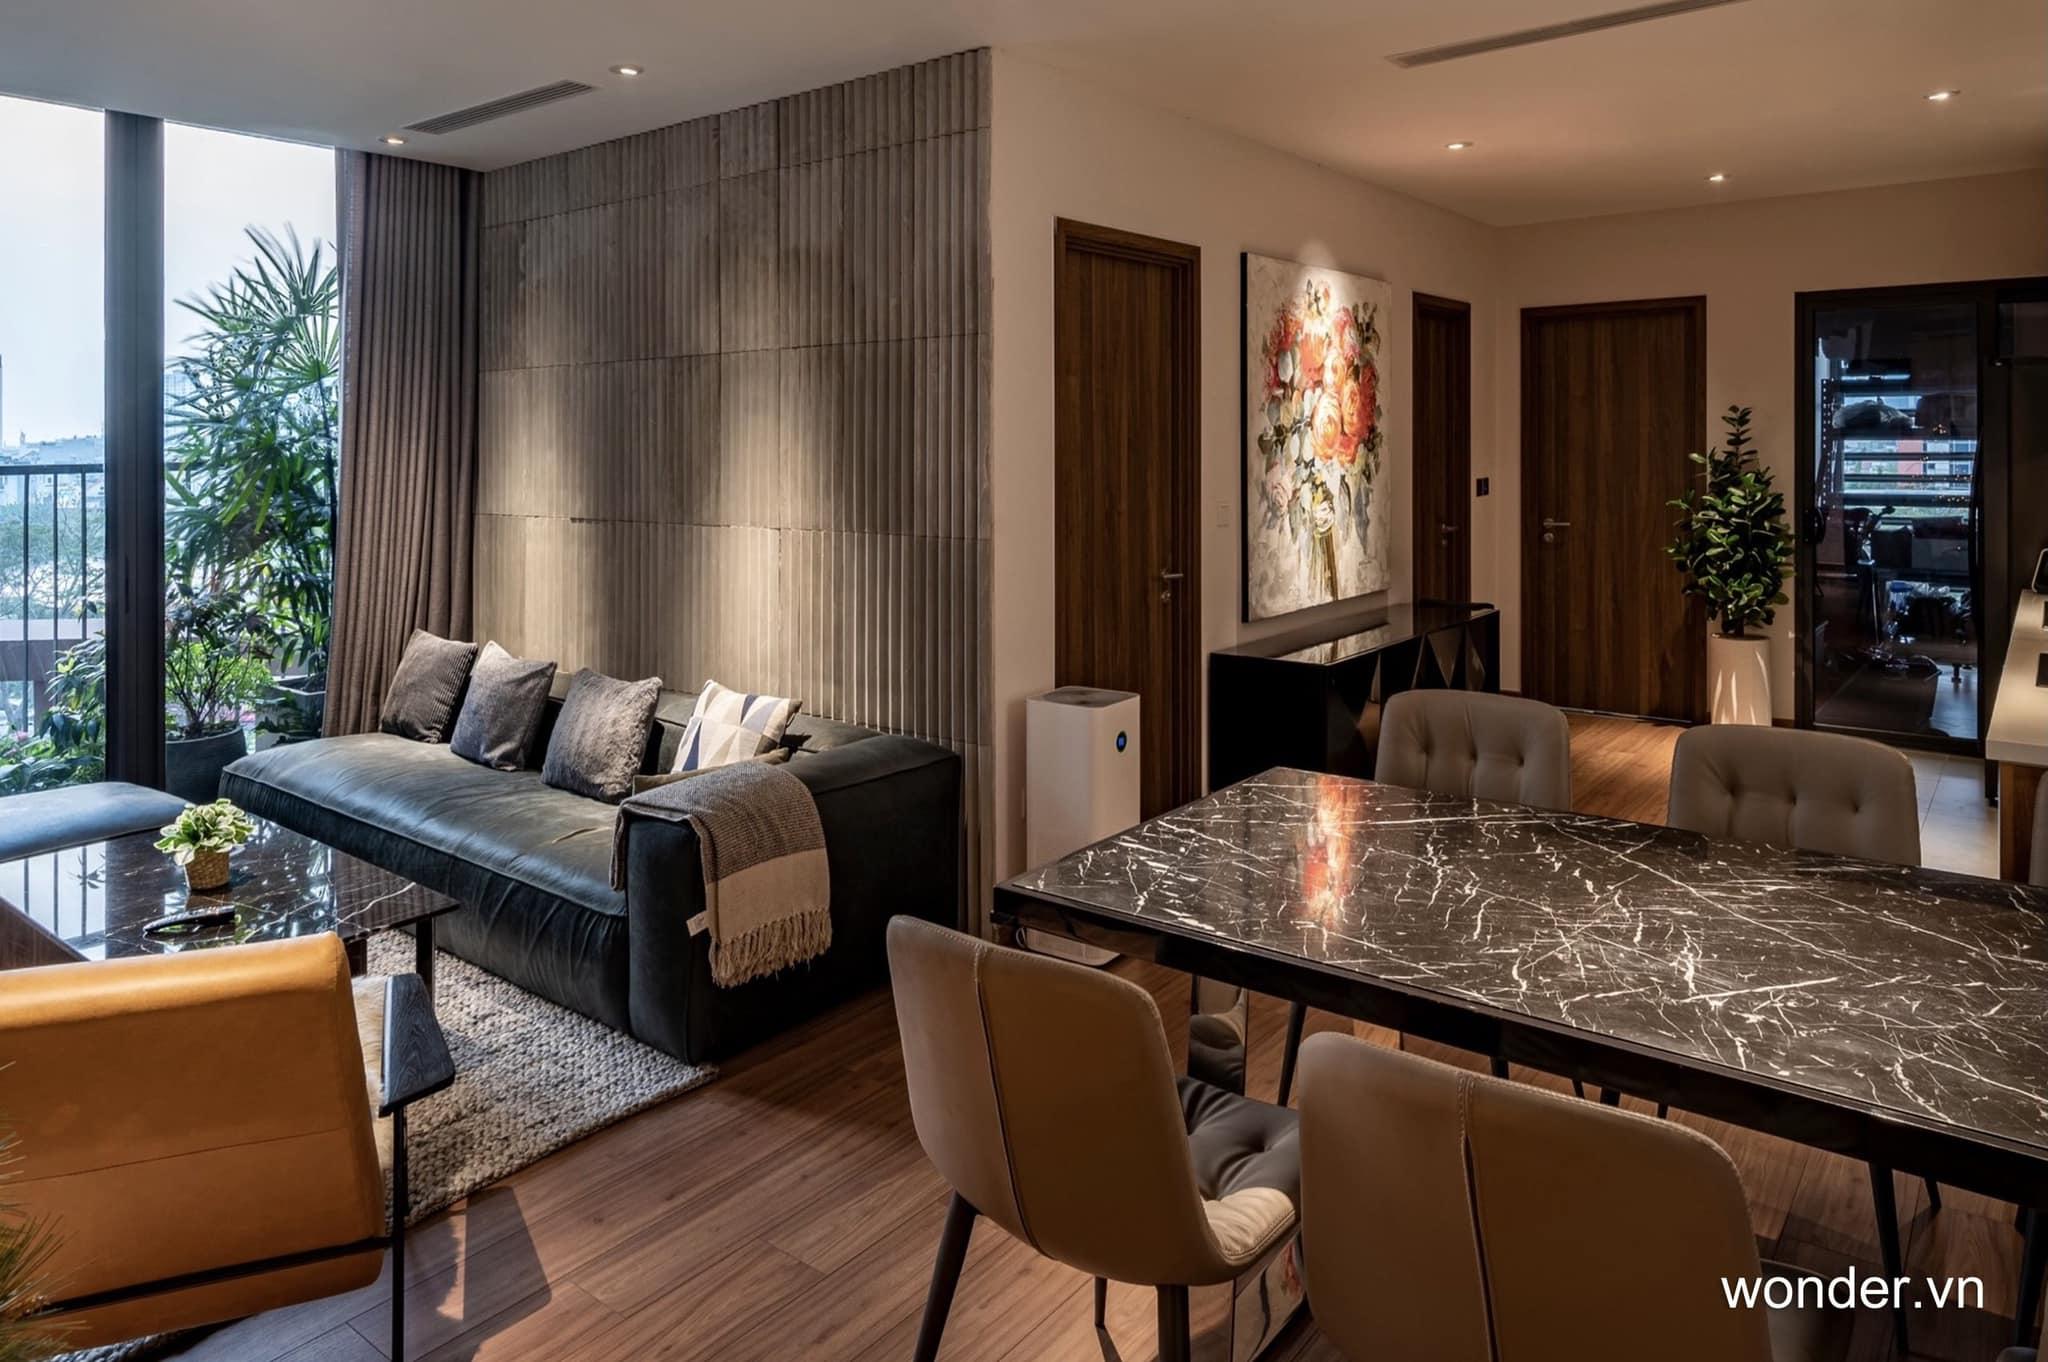 Có thể là hình ảnh về bàn, phòng khách và văn bản cho biết '1 wonder.vn'